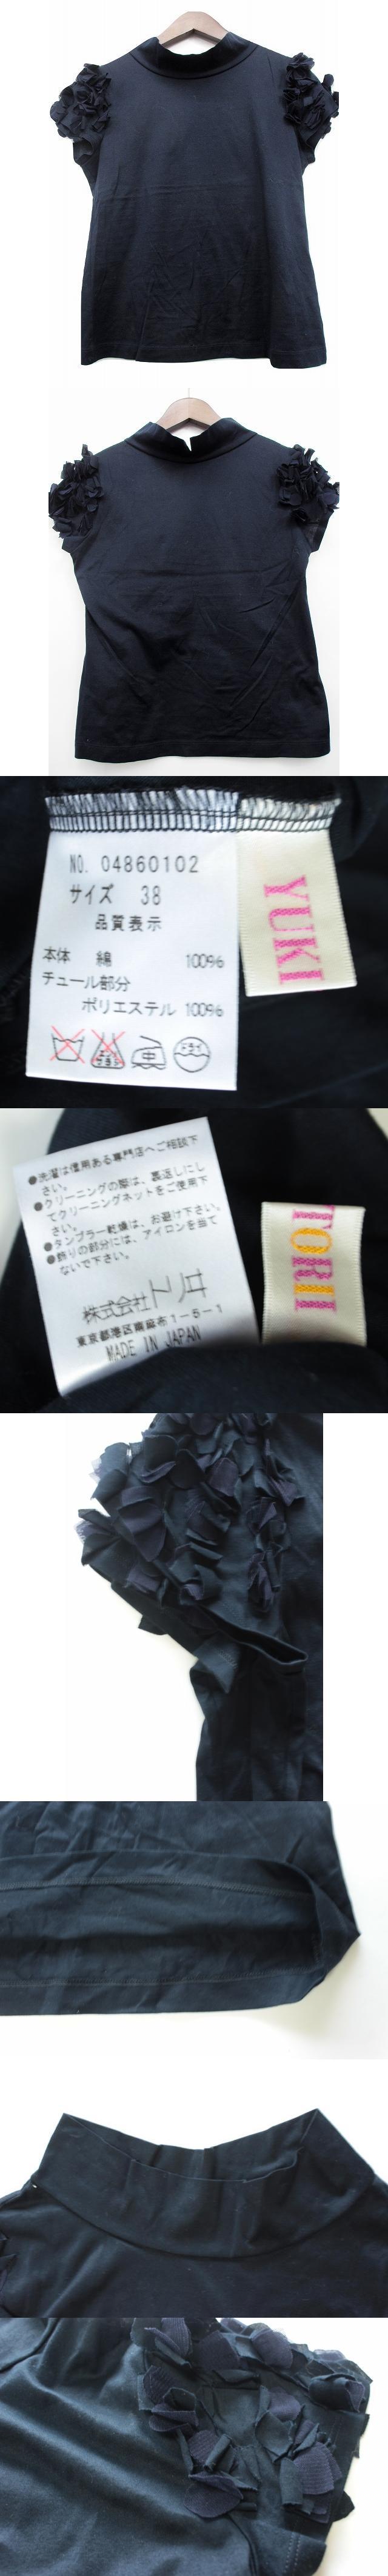 半袖カットソー 38 濃紺 ネイビー ハイネック プルオーバー 袖チュール花装飾 無地 デザインTシャツ 日本製 綿